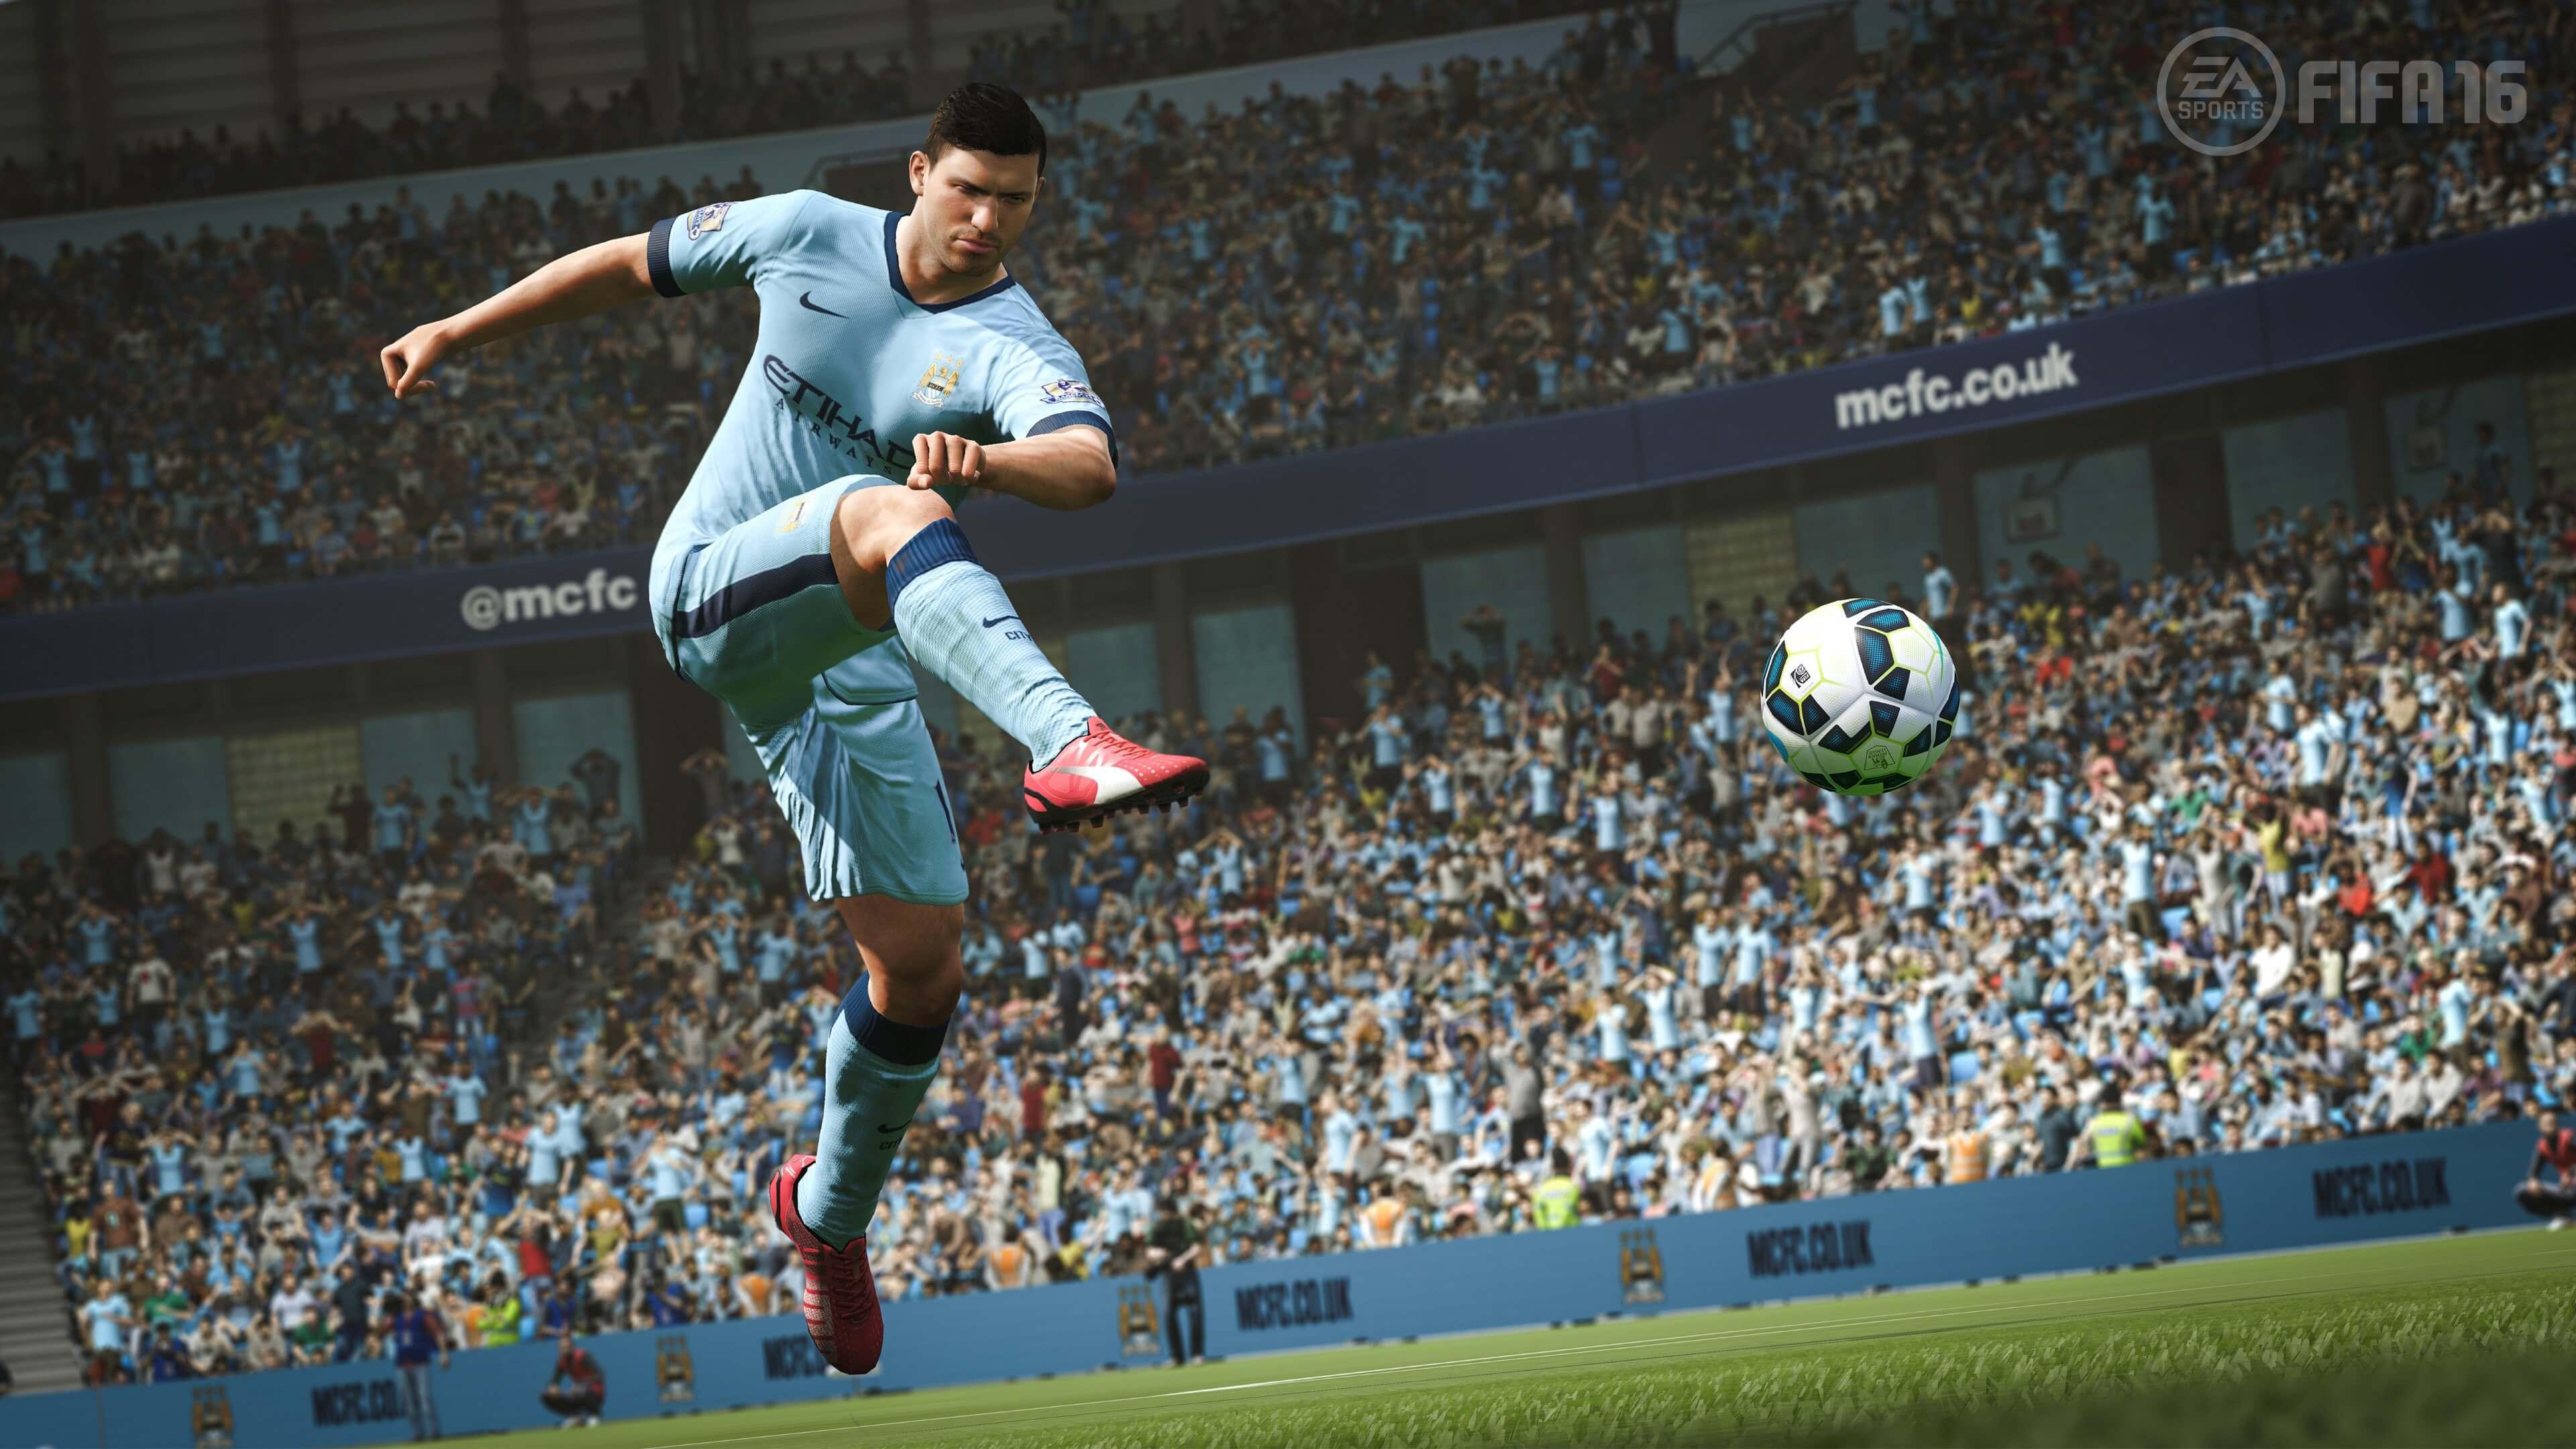 FIFA-16-Aguero